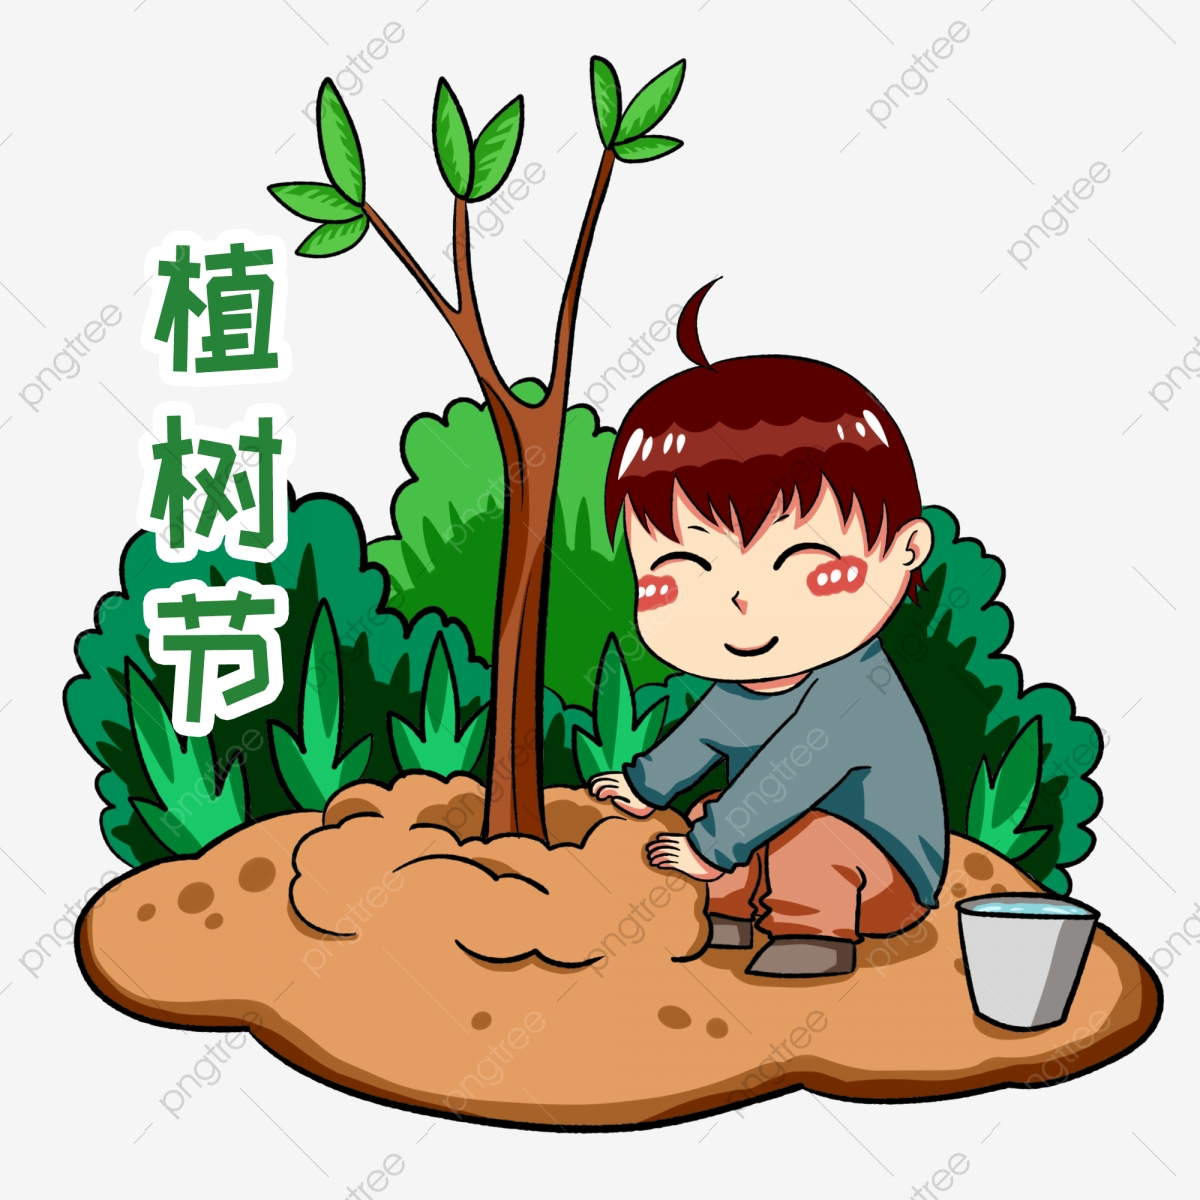 يوم الشجرة التوضيح الطابع غرس الأشجار الطفل الأخضر الديكور مصنع رقة التربة الصفراء الشخصيات الكرتونية طفل يزرع شجرة شجرة في يوم الشجرة التوضيح الطابع غرس الأشجار الطفل